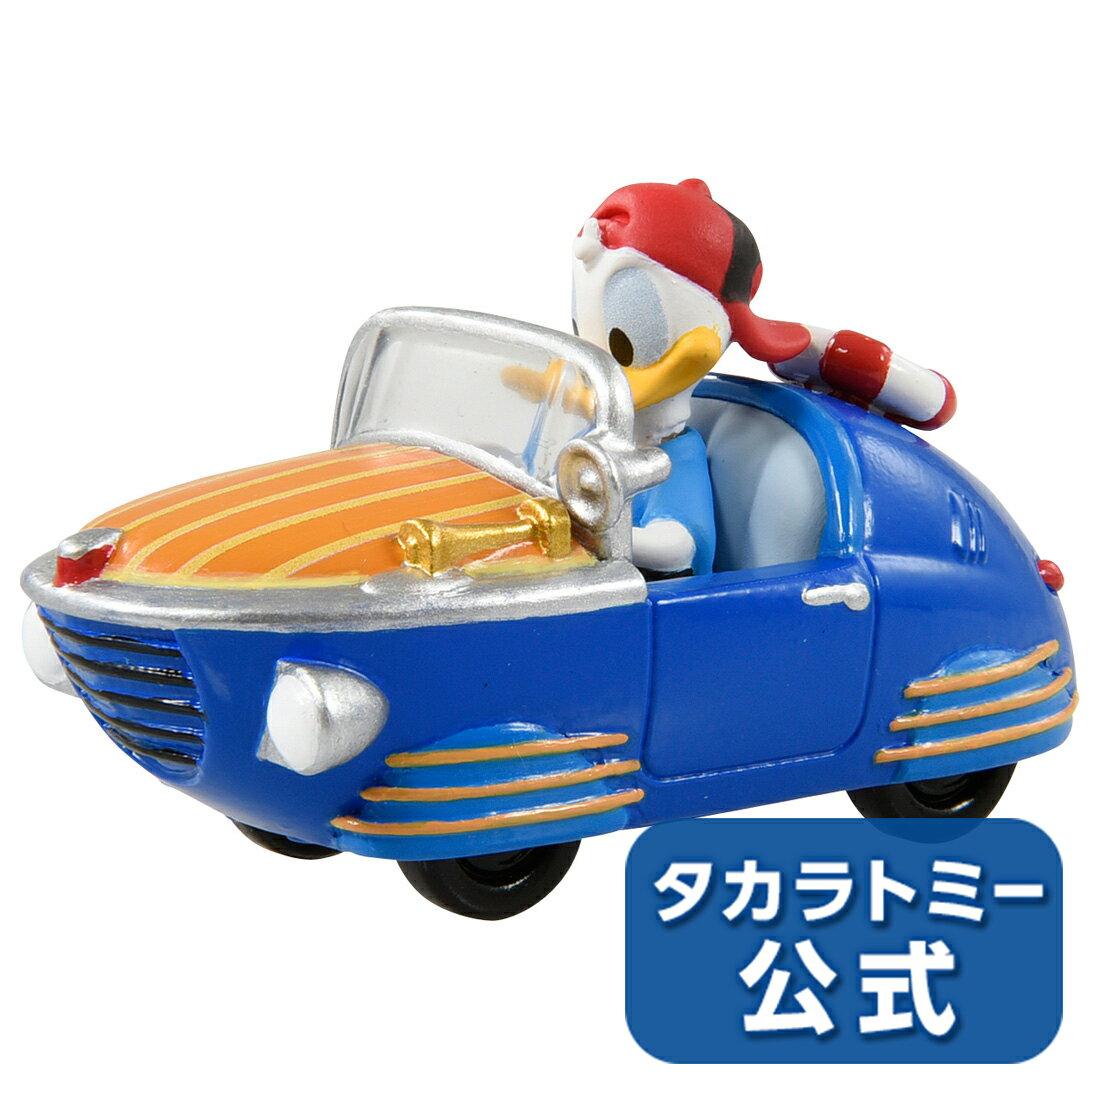 ミッキーマウスとロードレーサーズトミカMRR-08ダック・バルケッタドナルドダック【Disney_d】【180914dl】【takaratomy12】【endsale_18】